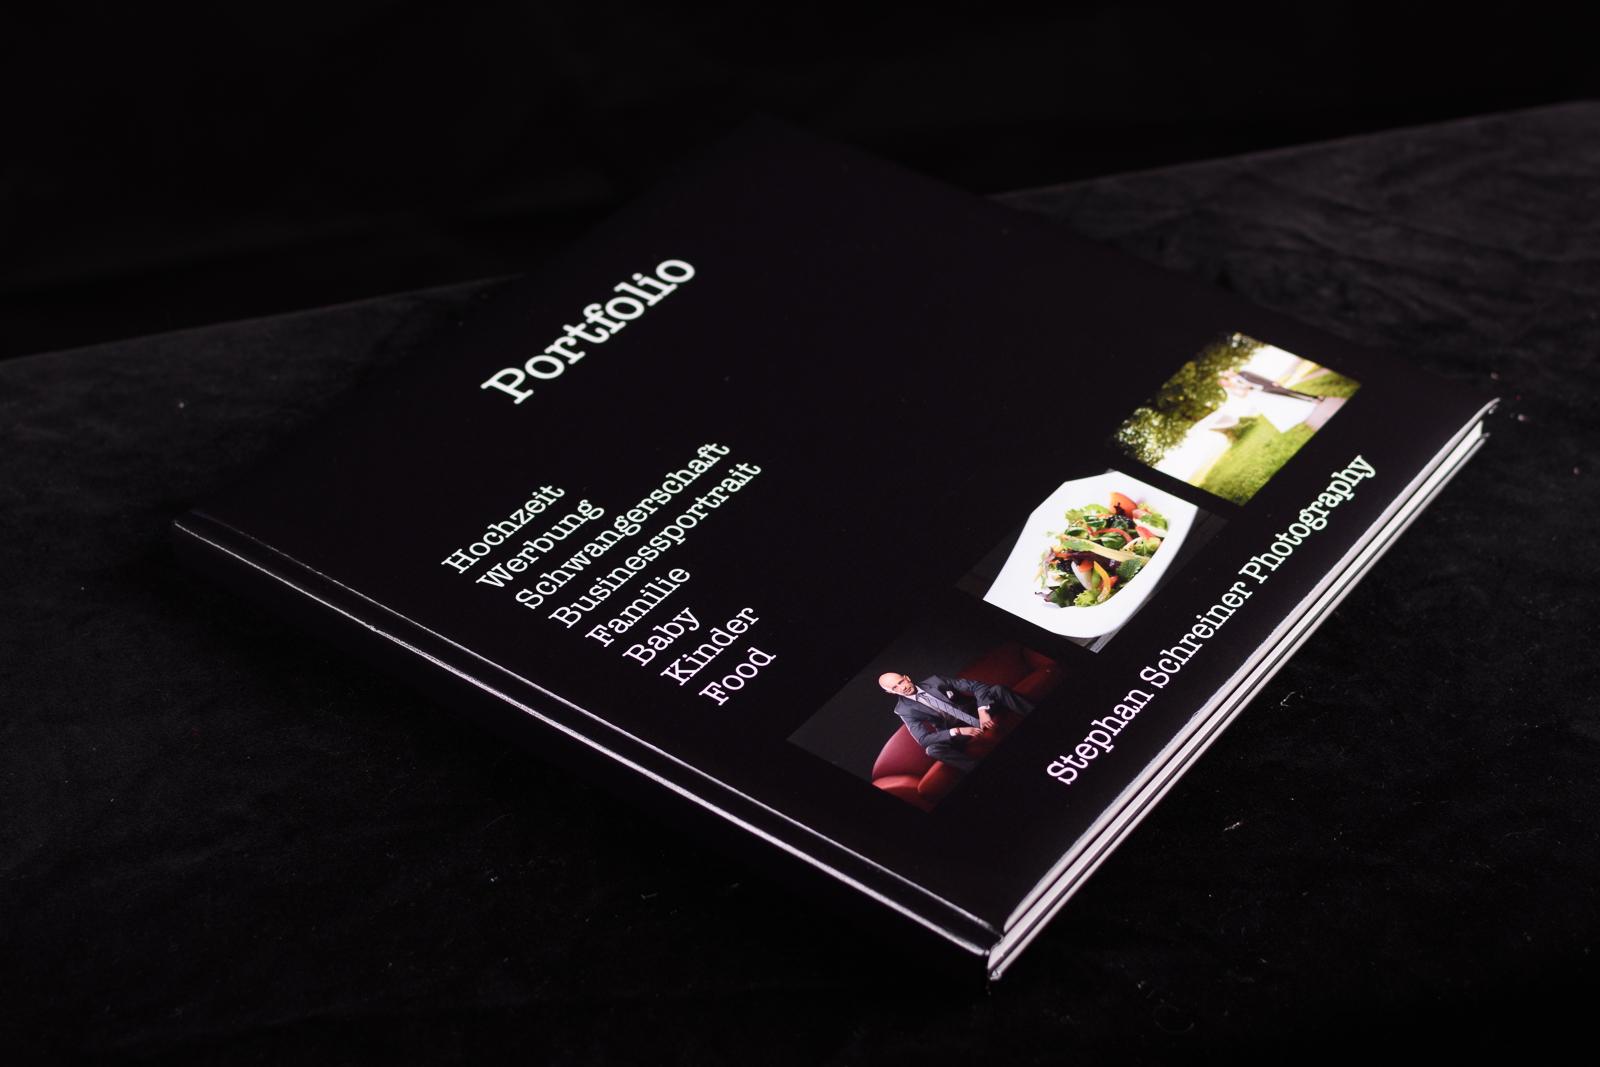 fotobuch_002_stephanschreinerphotography